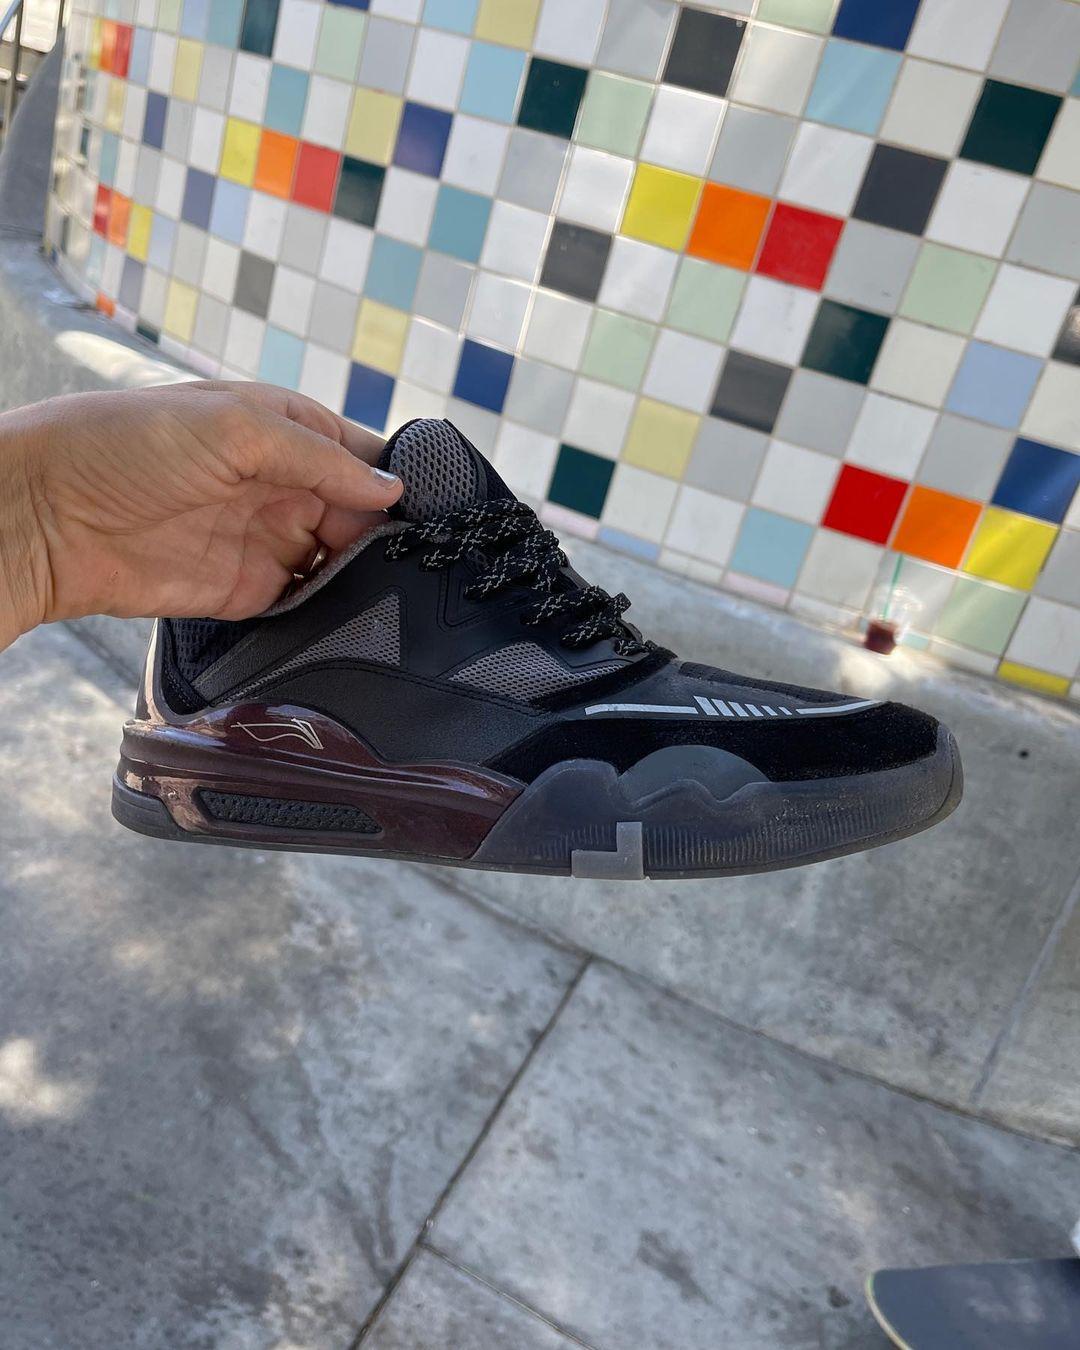 滑板鞋,李宁  神秘李宁签名滑板鞋曝光!蝉翼 + 䨻,配置够高啊!